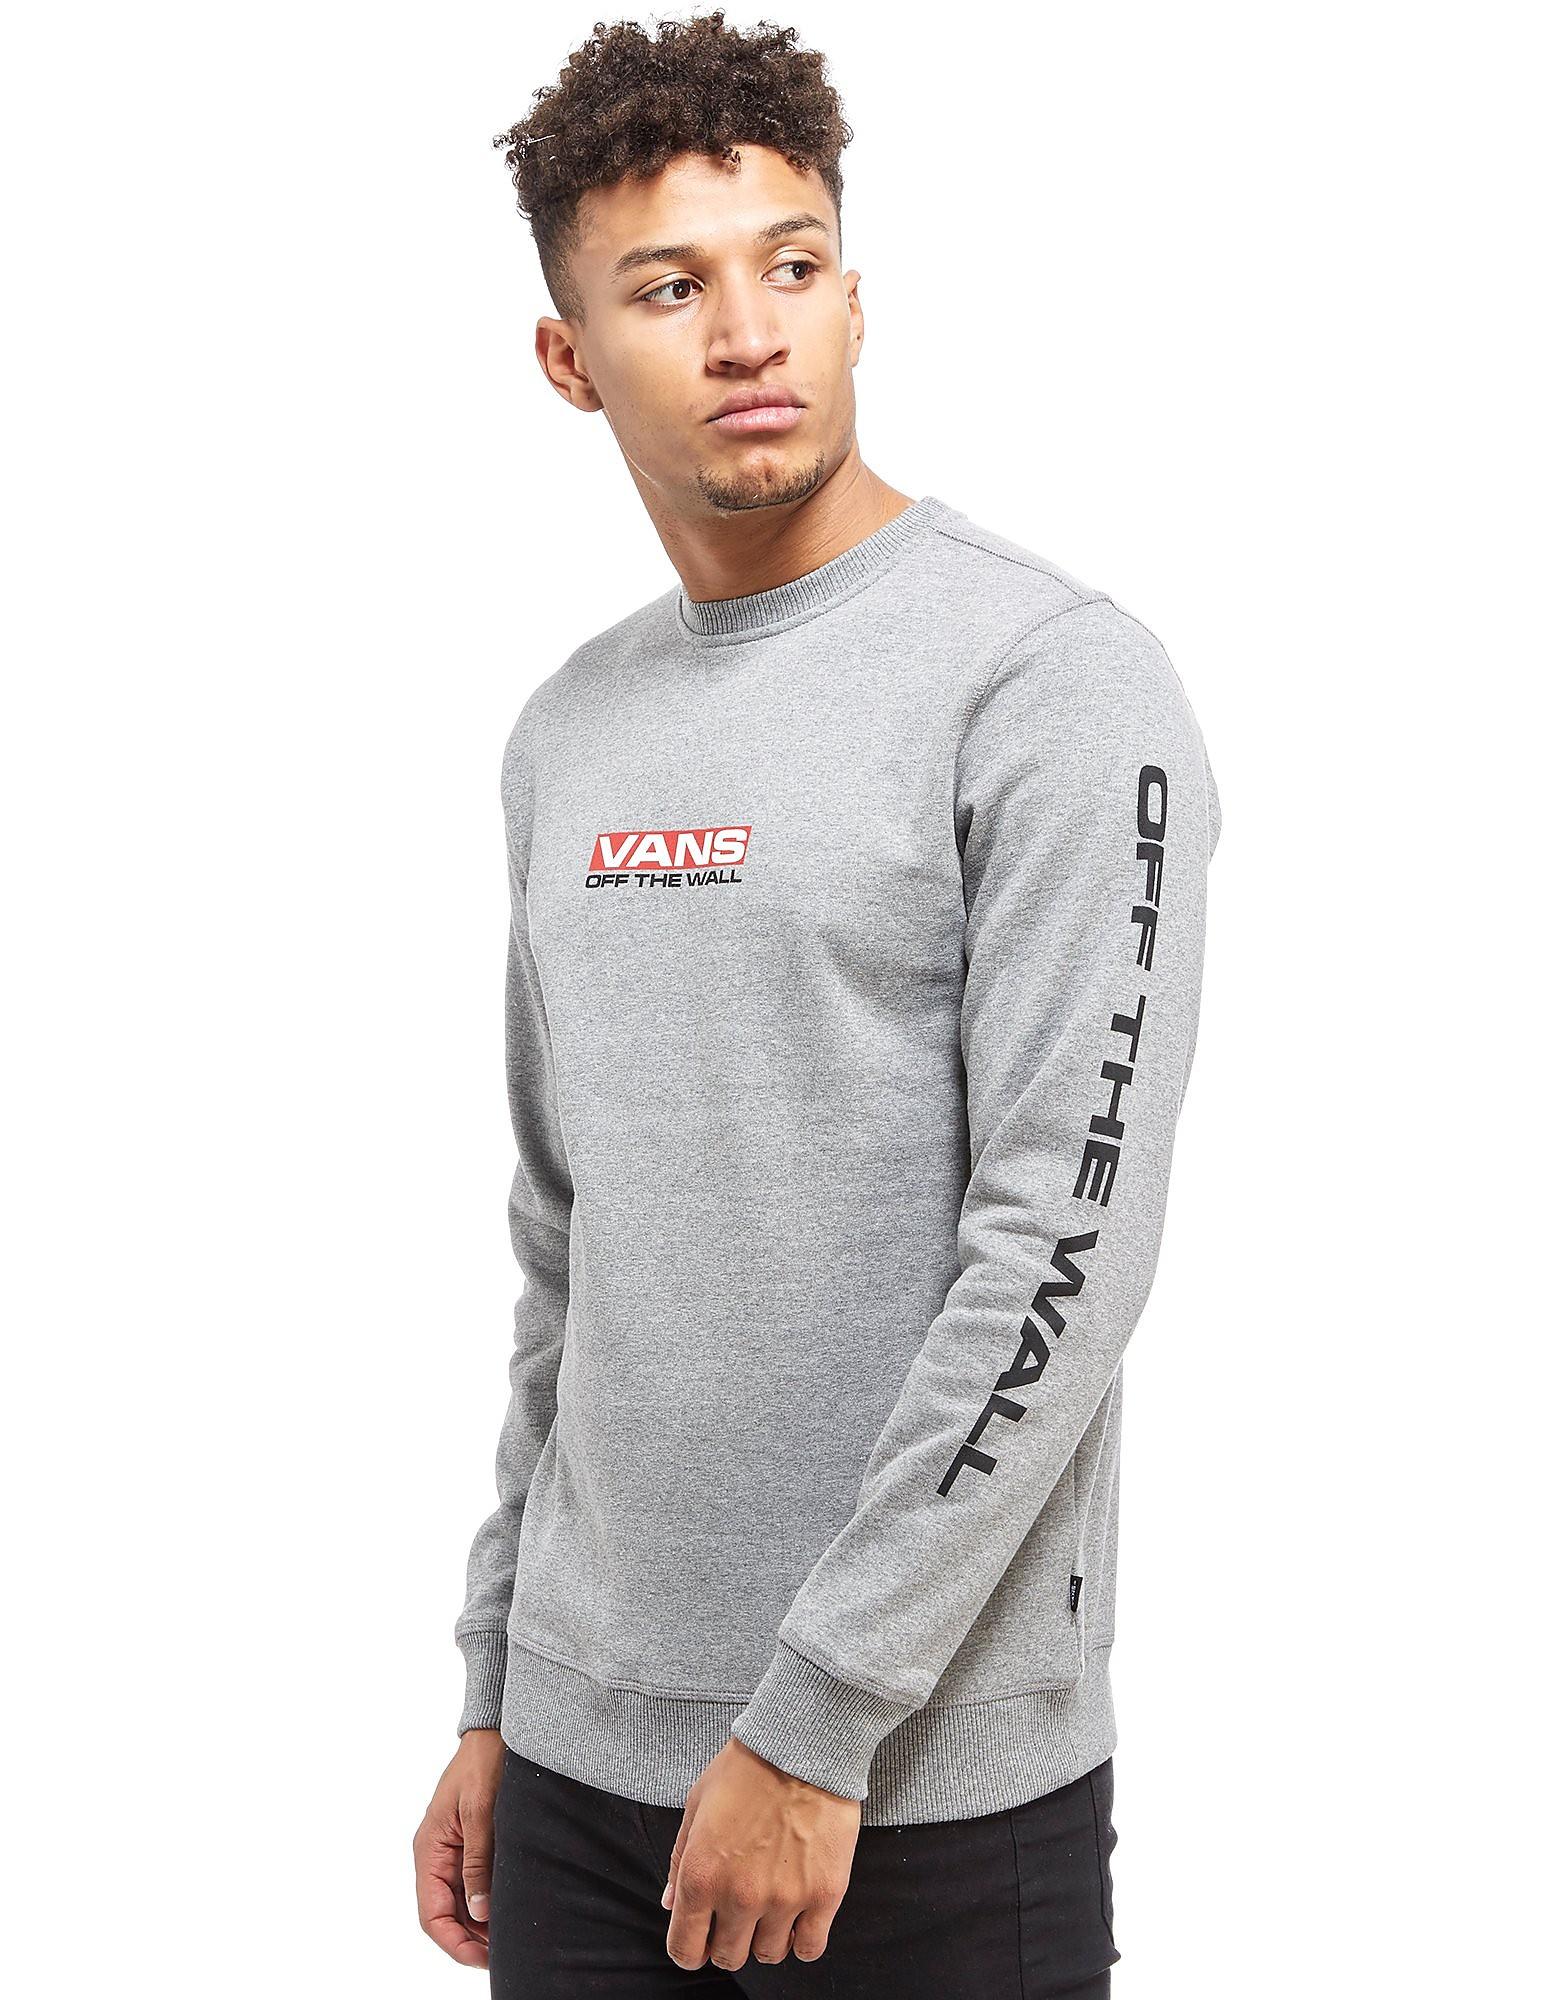 Vans Side Waze Crew Sweatshirt